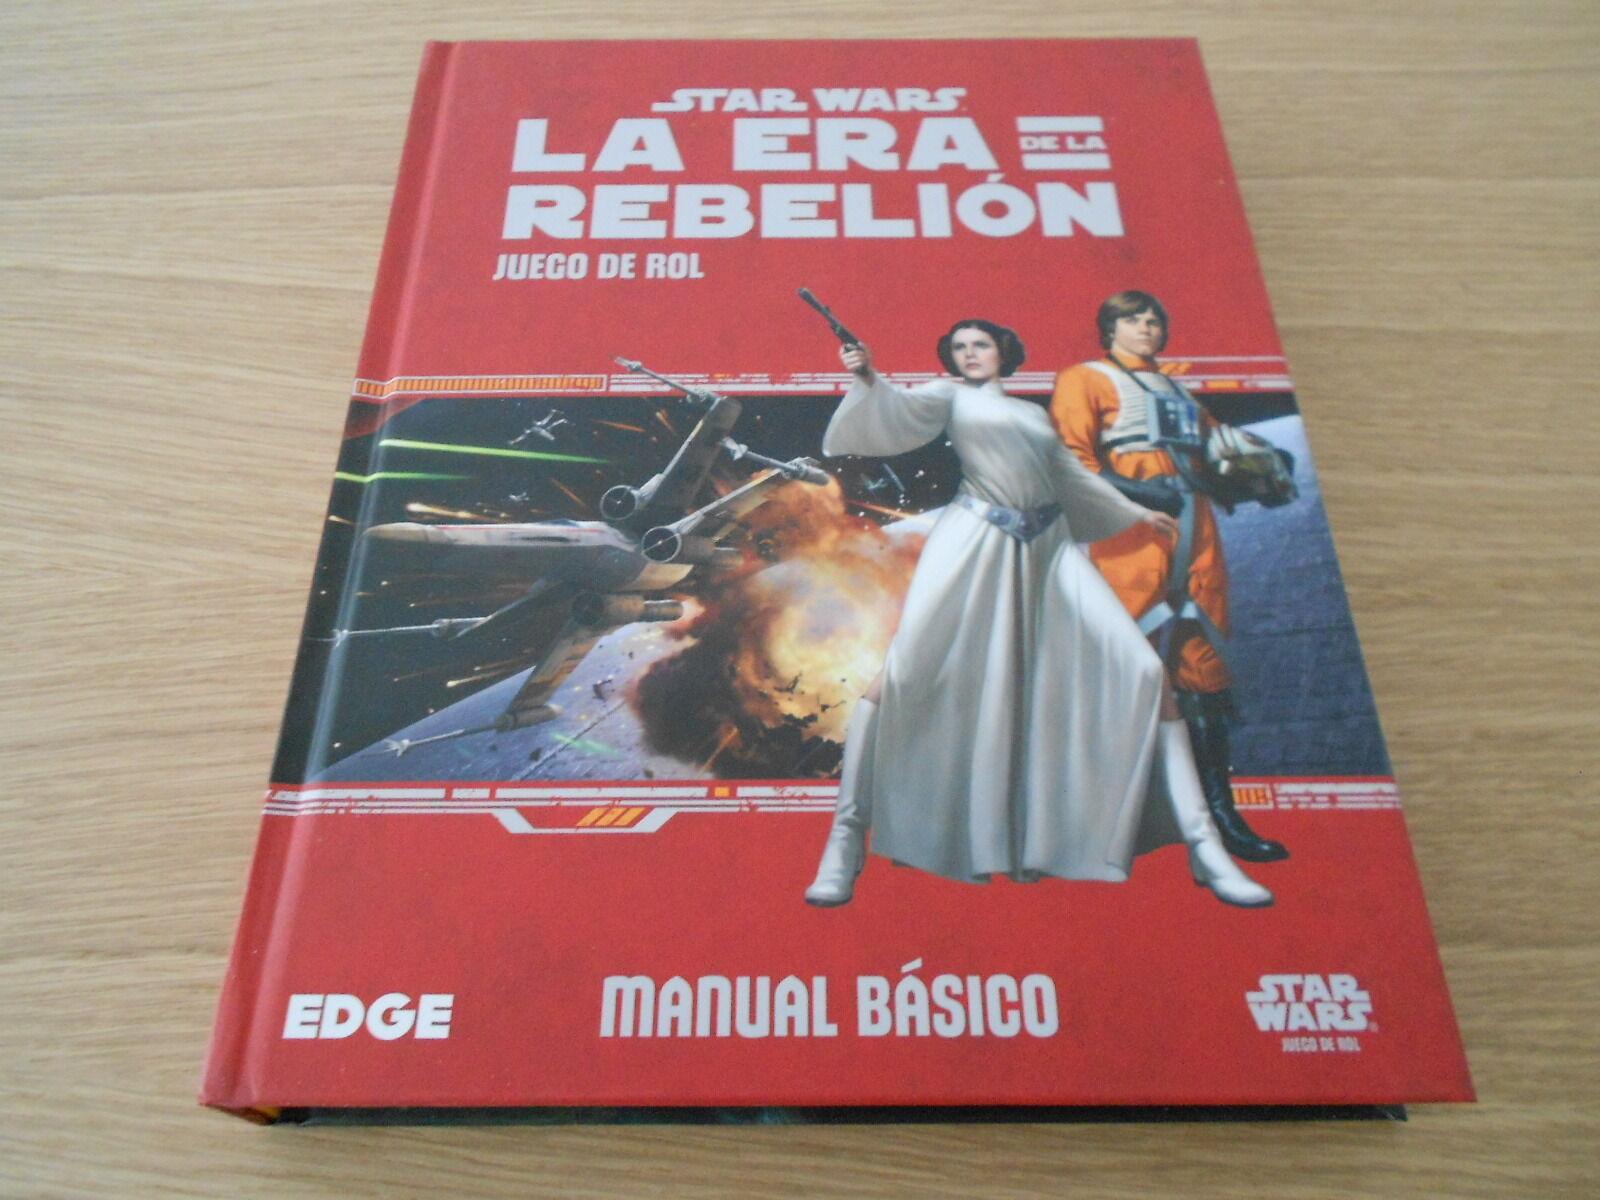 Estrella WARS LA ERA DE LA REBELION - Básico - juego de rol - EDGE - FF